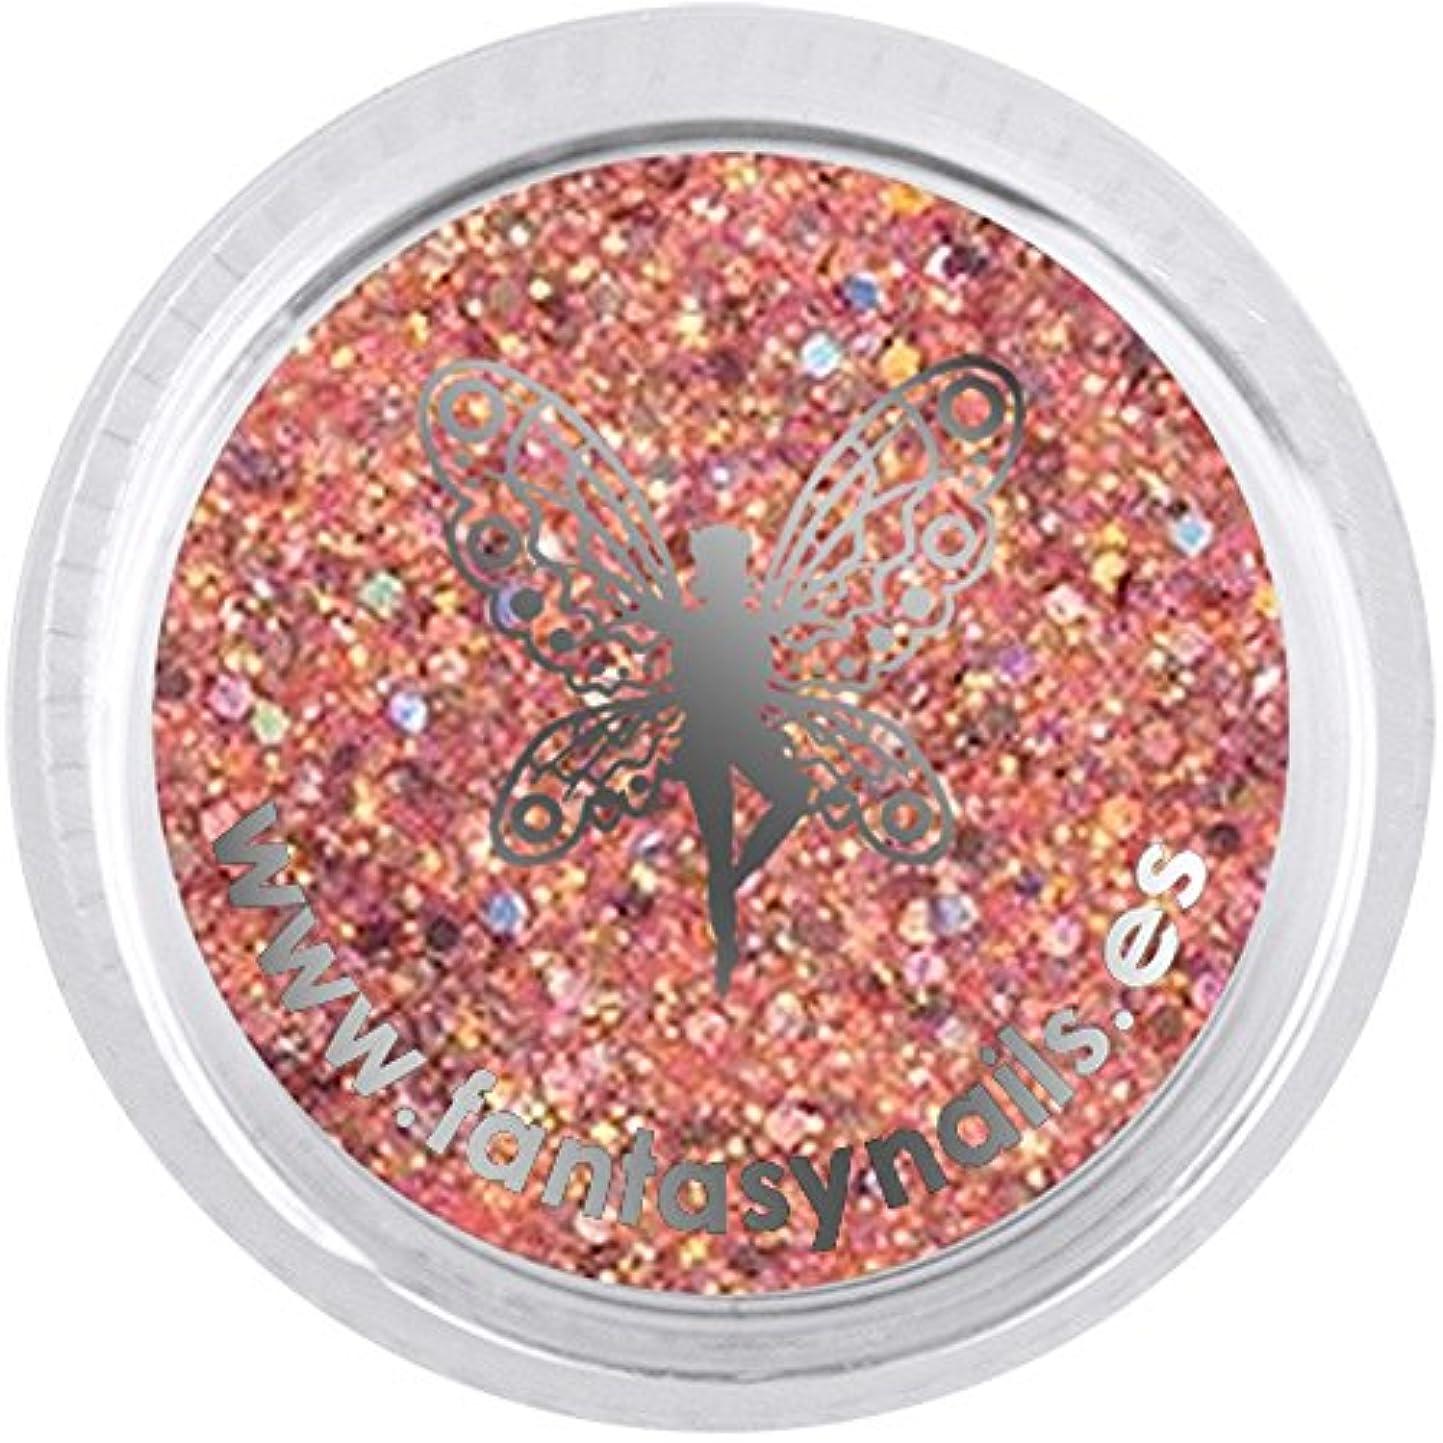 FANTASY NAIL ダイヤモンドコレクション 3g 4255XS カラーパウダー アート材